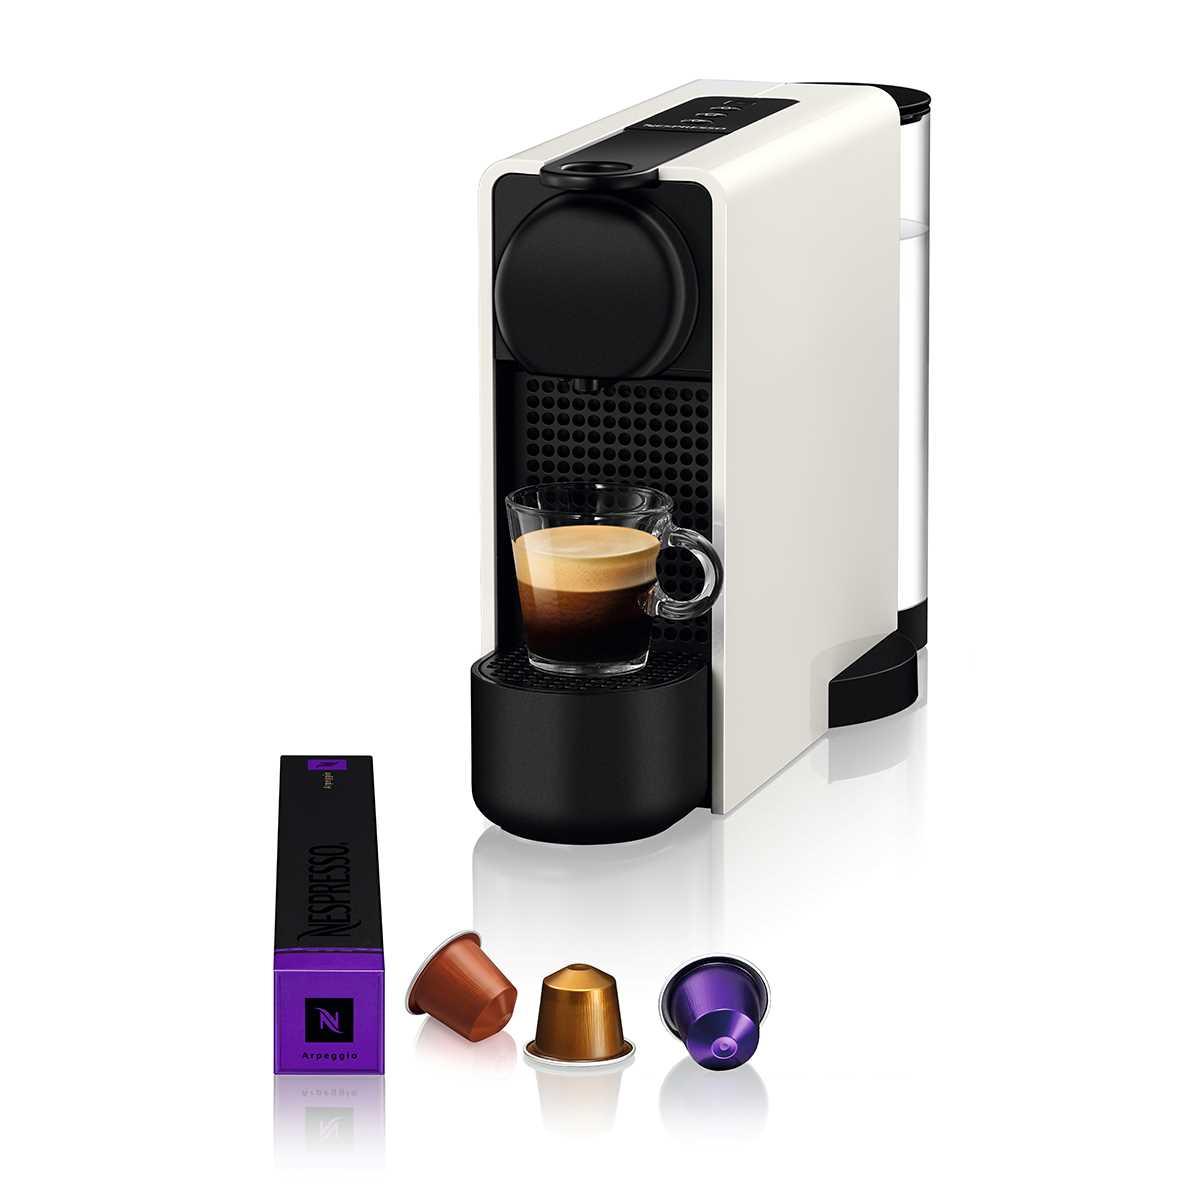 מכונת קפה NESPRESSO Essenza Plus C45 עם מקציף חלב - צבע לבן - תמונה 2